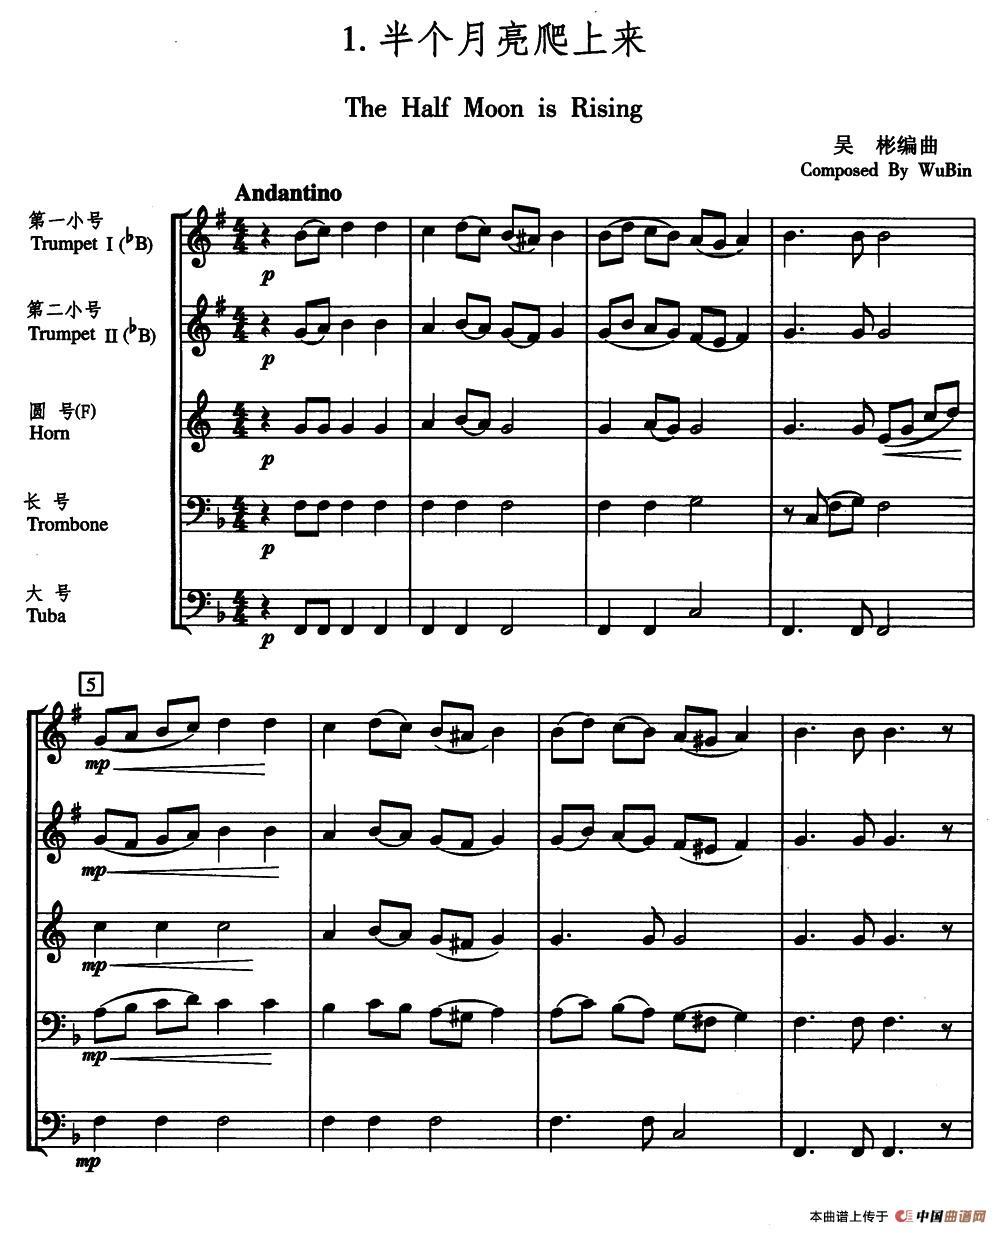 管乐谱(五重奏)